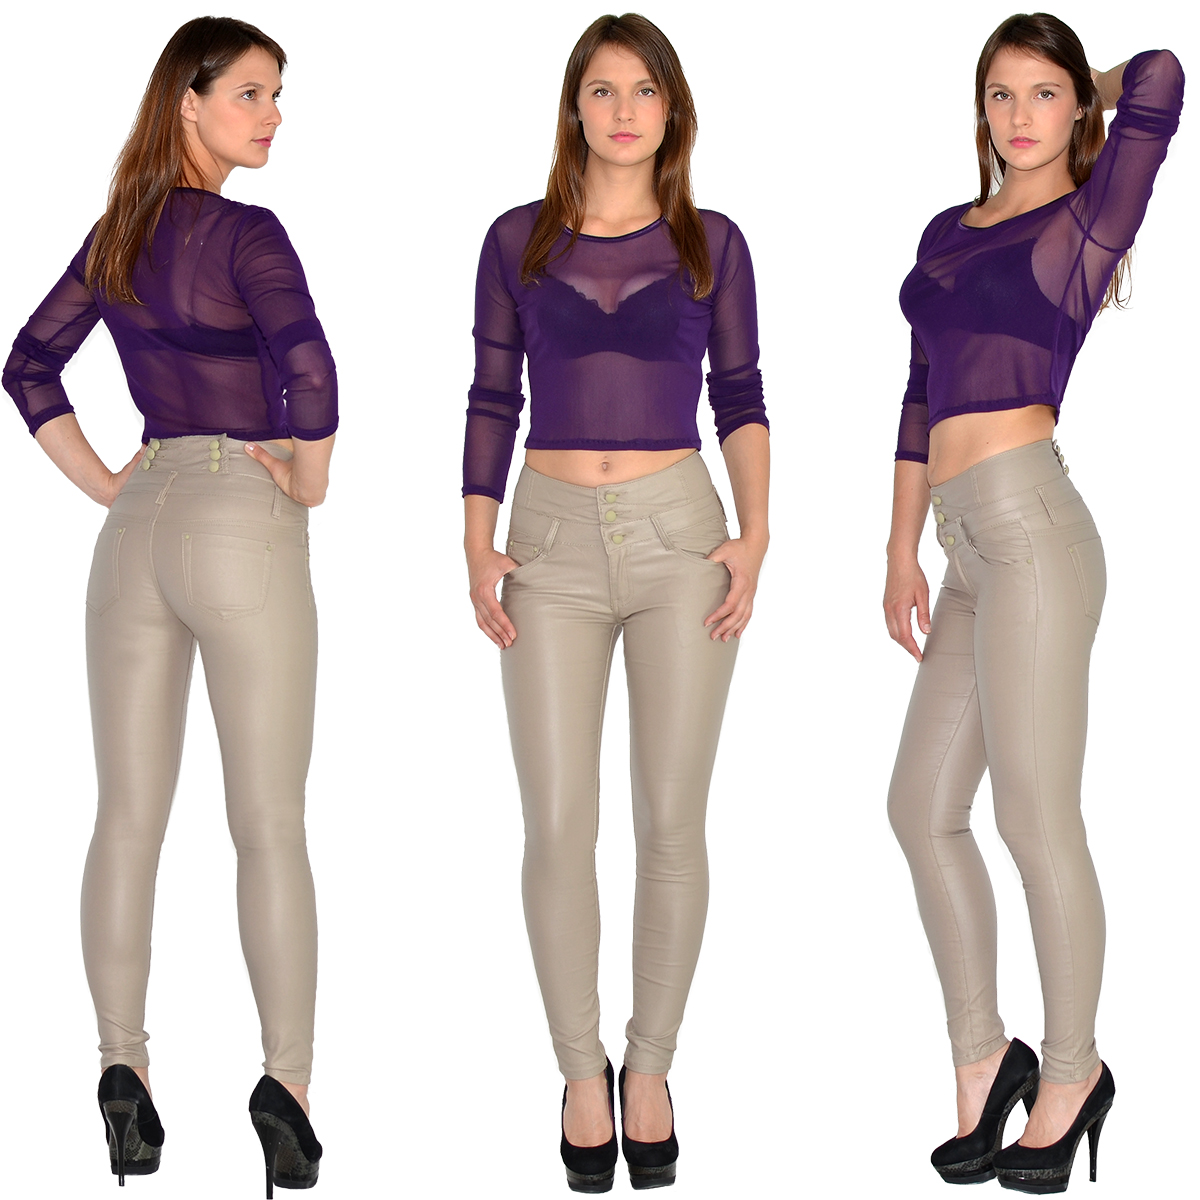 damen high waist jeans hose r hrenjeans damen jeanshose. Black Bedroom Furniture Sets. Home Design Ideas